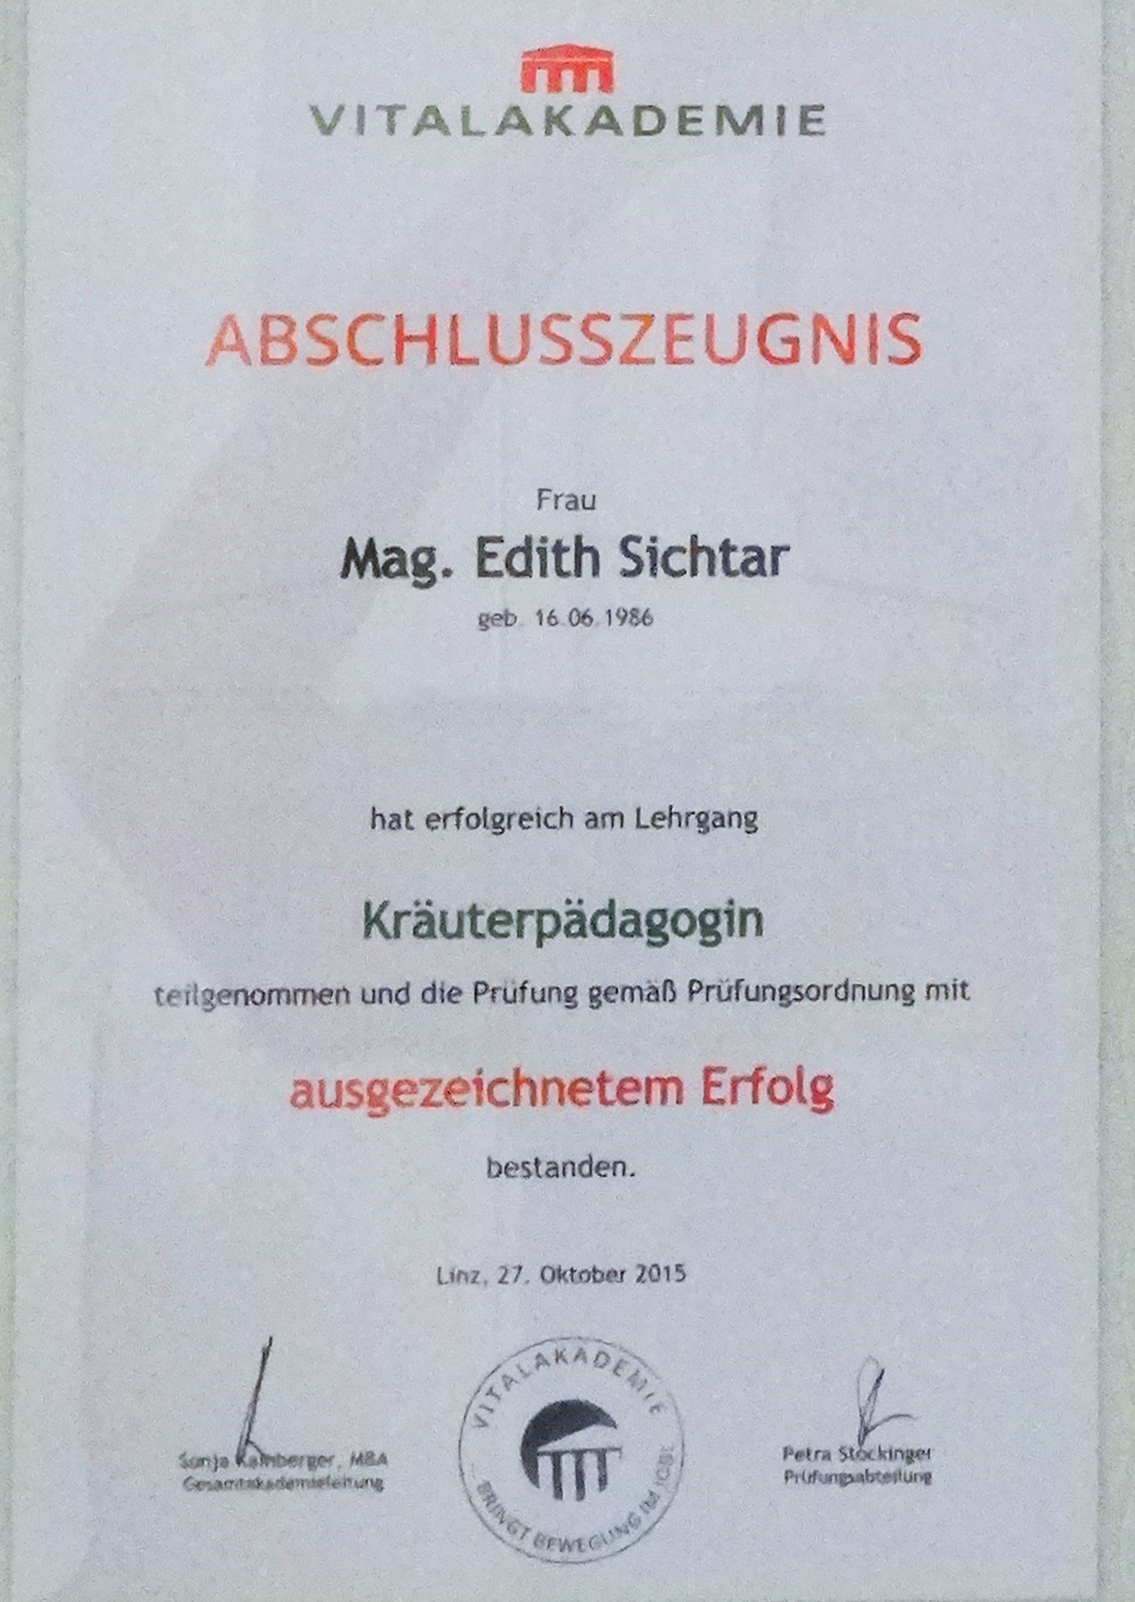 Edith Sichtar, Abschlusszeugnis